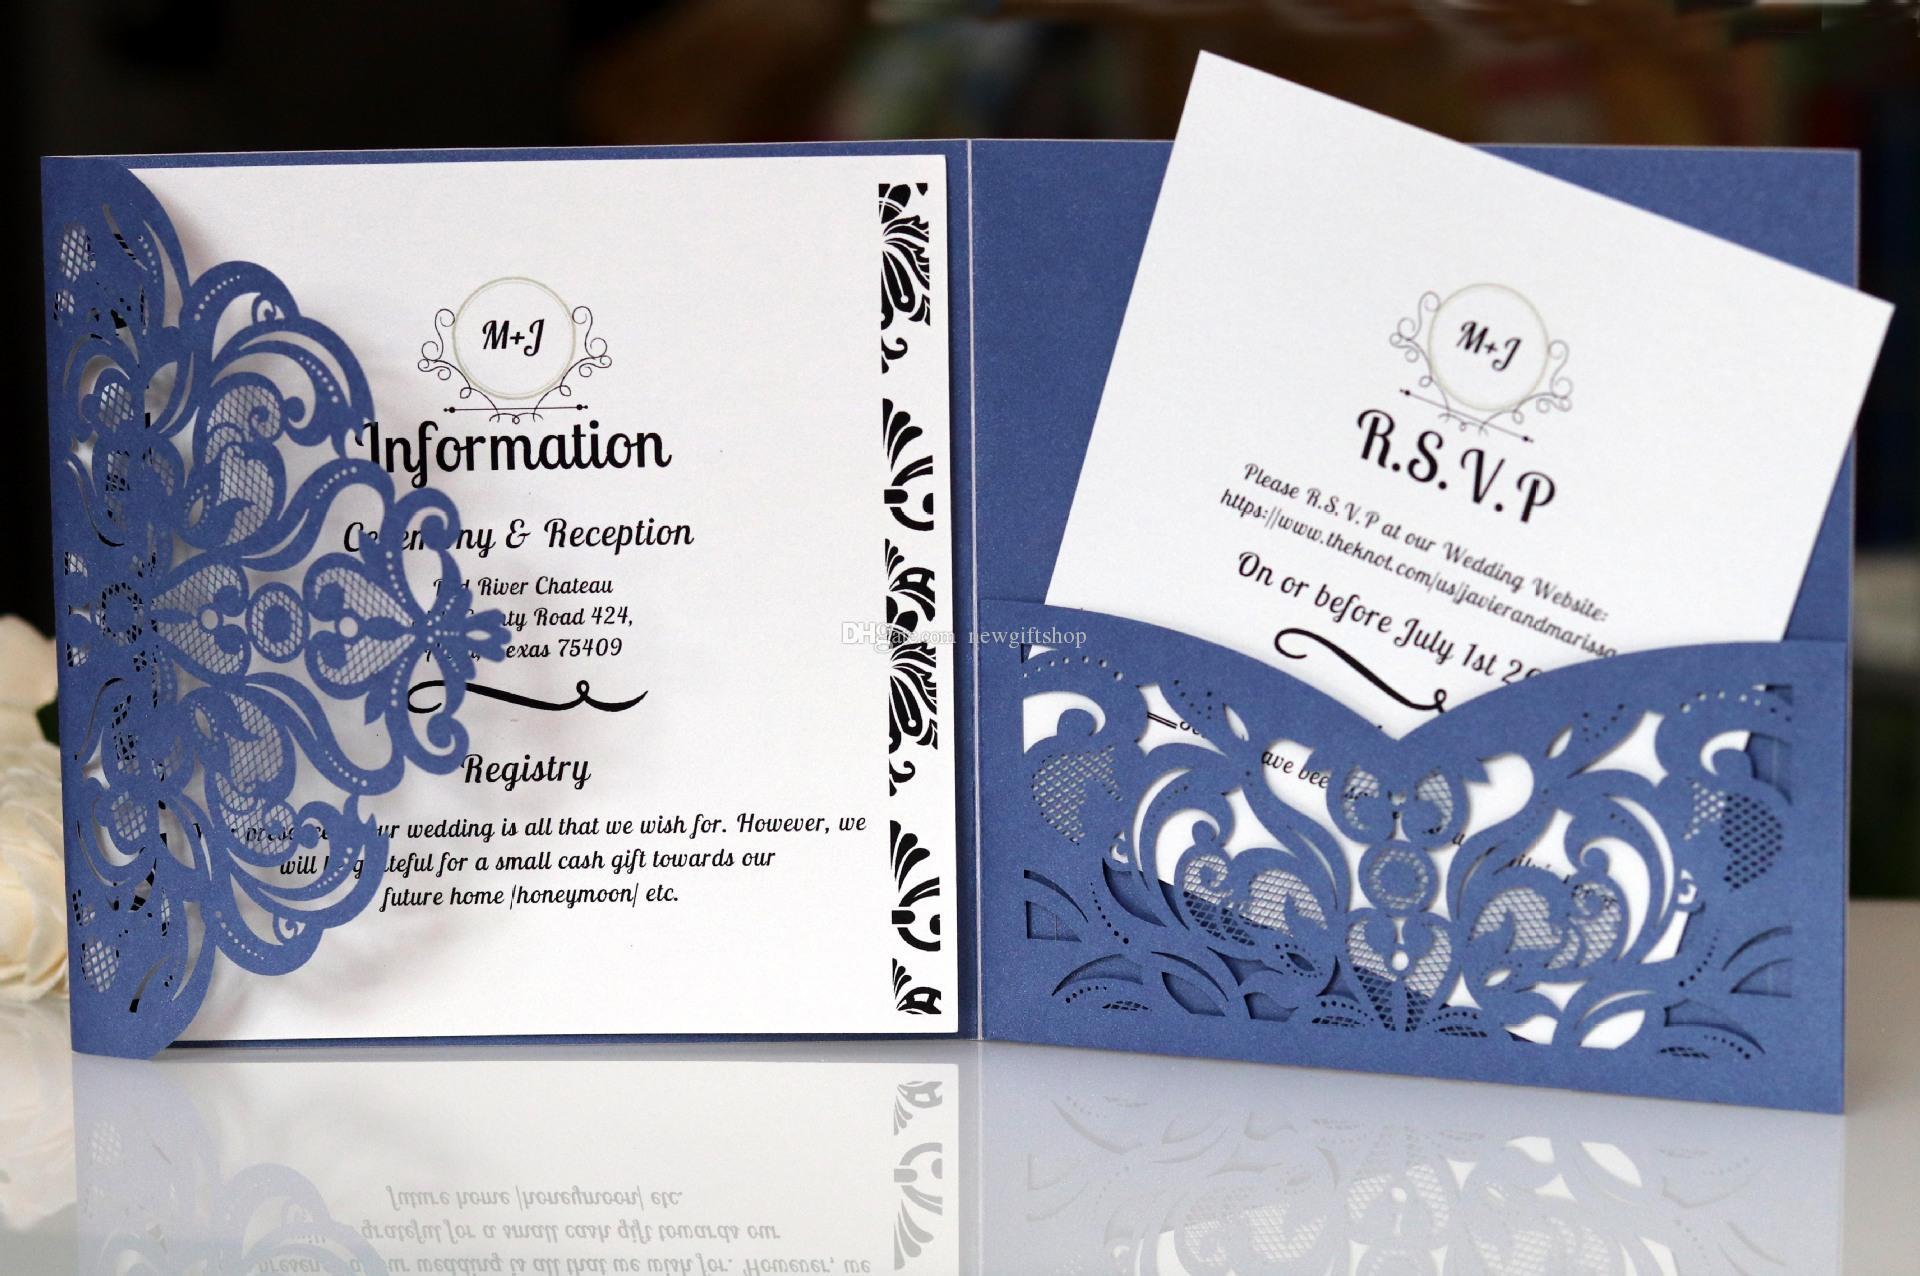 Compre Bolsillo Azul De La Boda Invite Corte Láser Tríptico De Flores Invitaciones Para Dieciséis Aniversario De Compromiso Con La Tarjeta De Rsvp